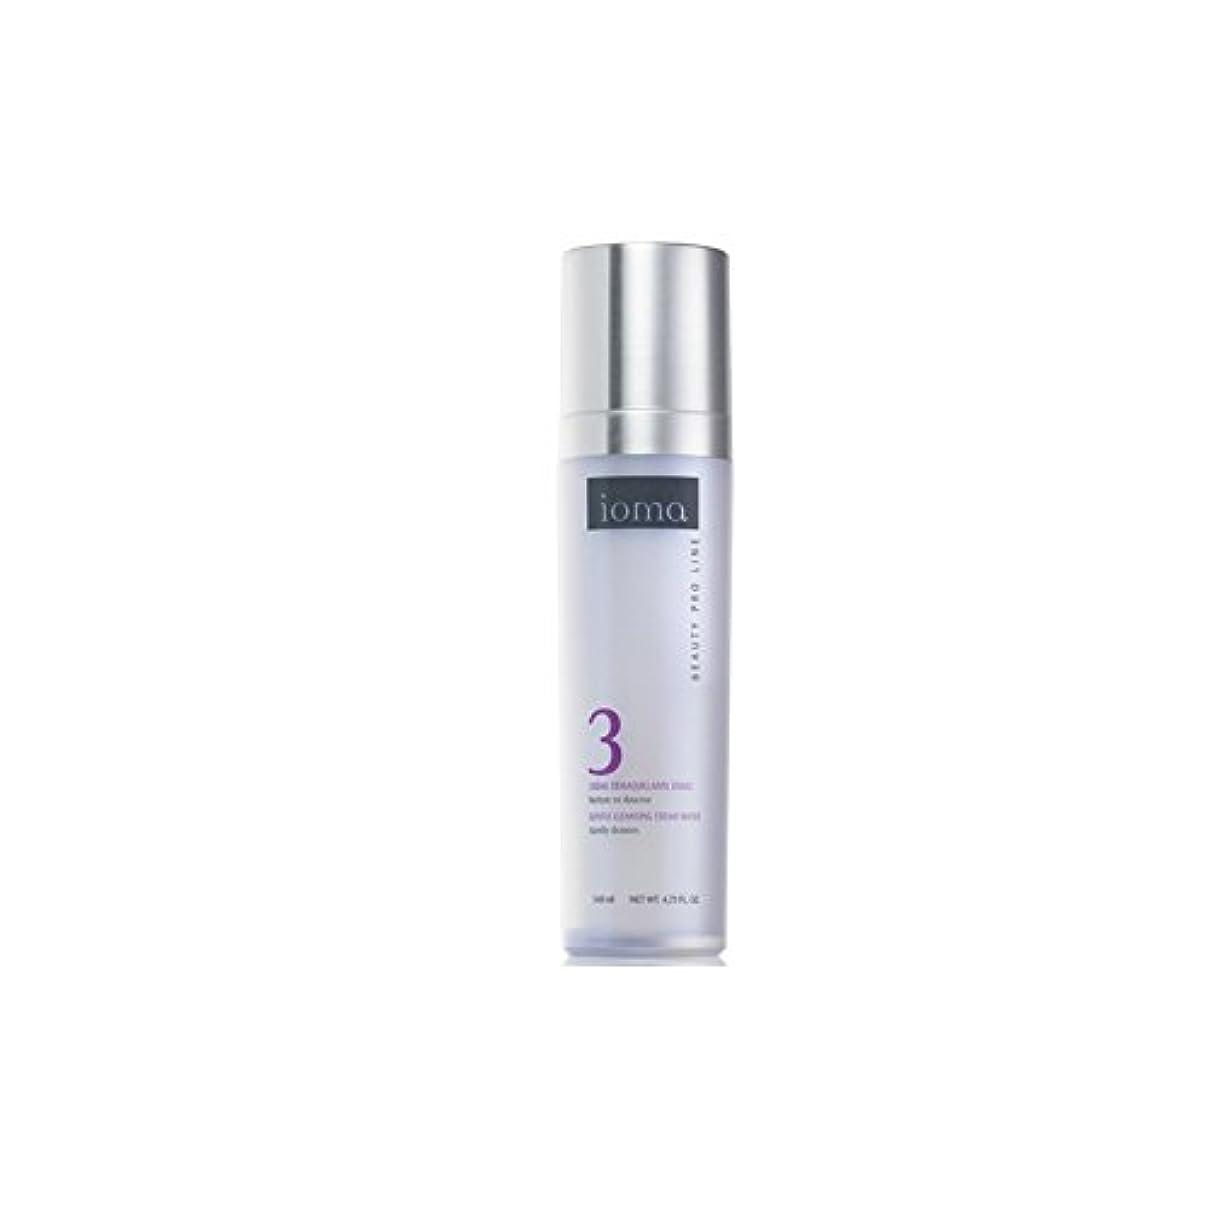 ジェントルクレンジングクリーム水140ミリリットル x4 - Ioma Gentle Cleansing Cream Water 140ml (Pack of 4) [並行輸入品]